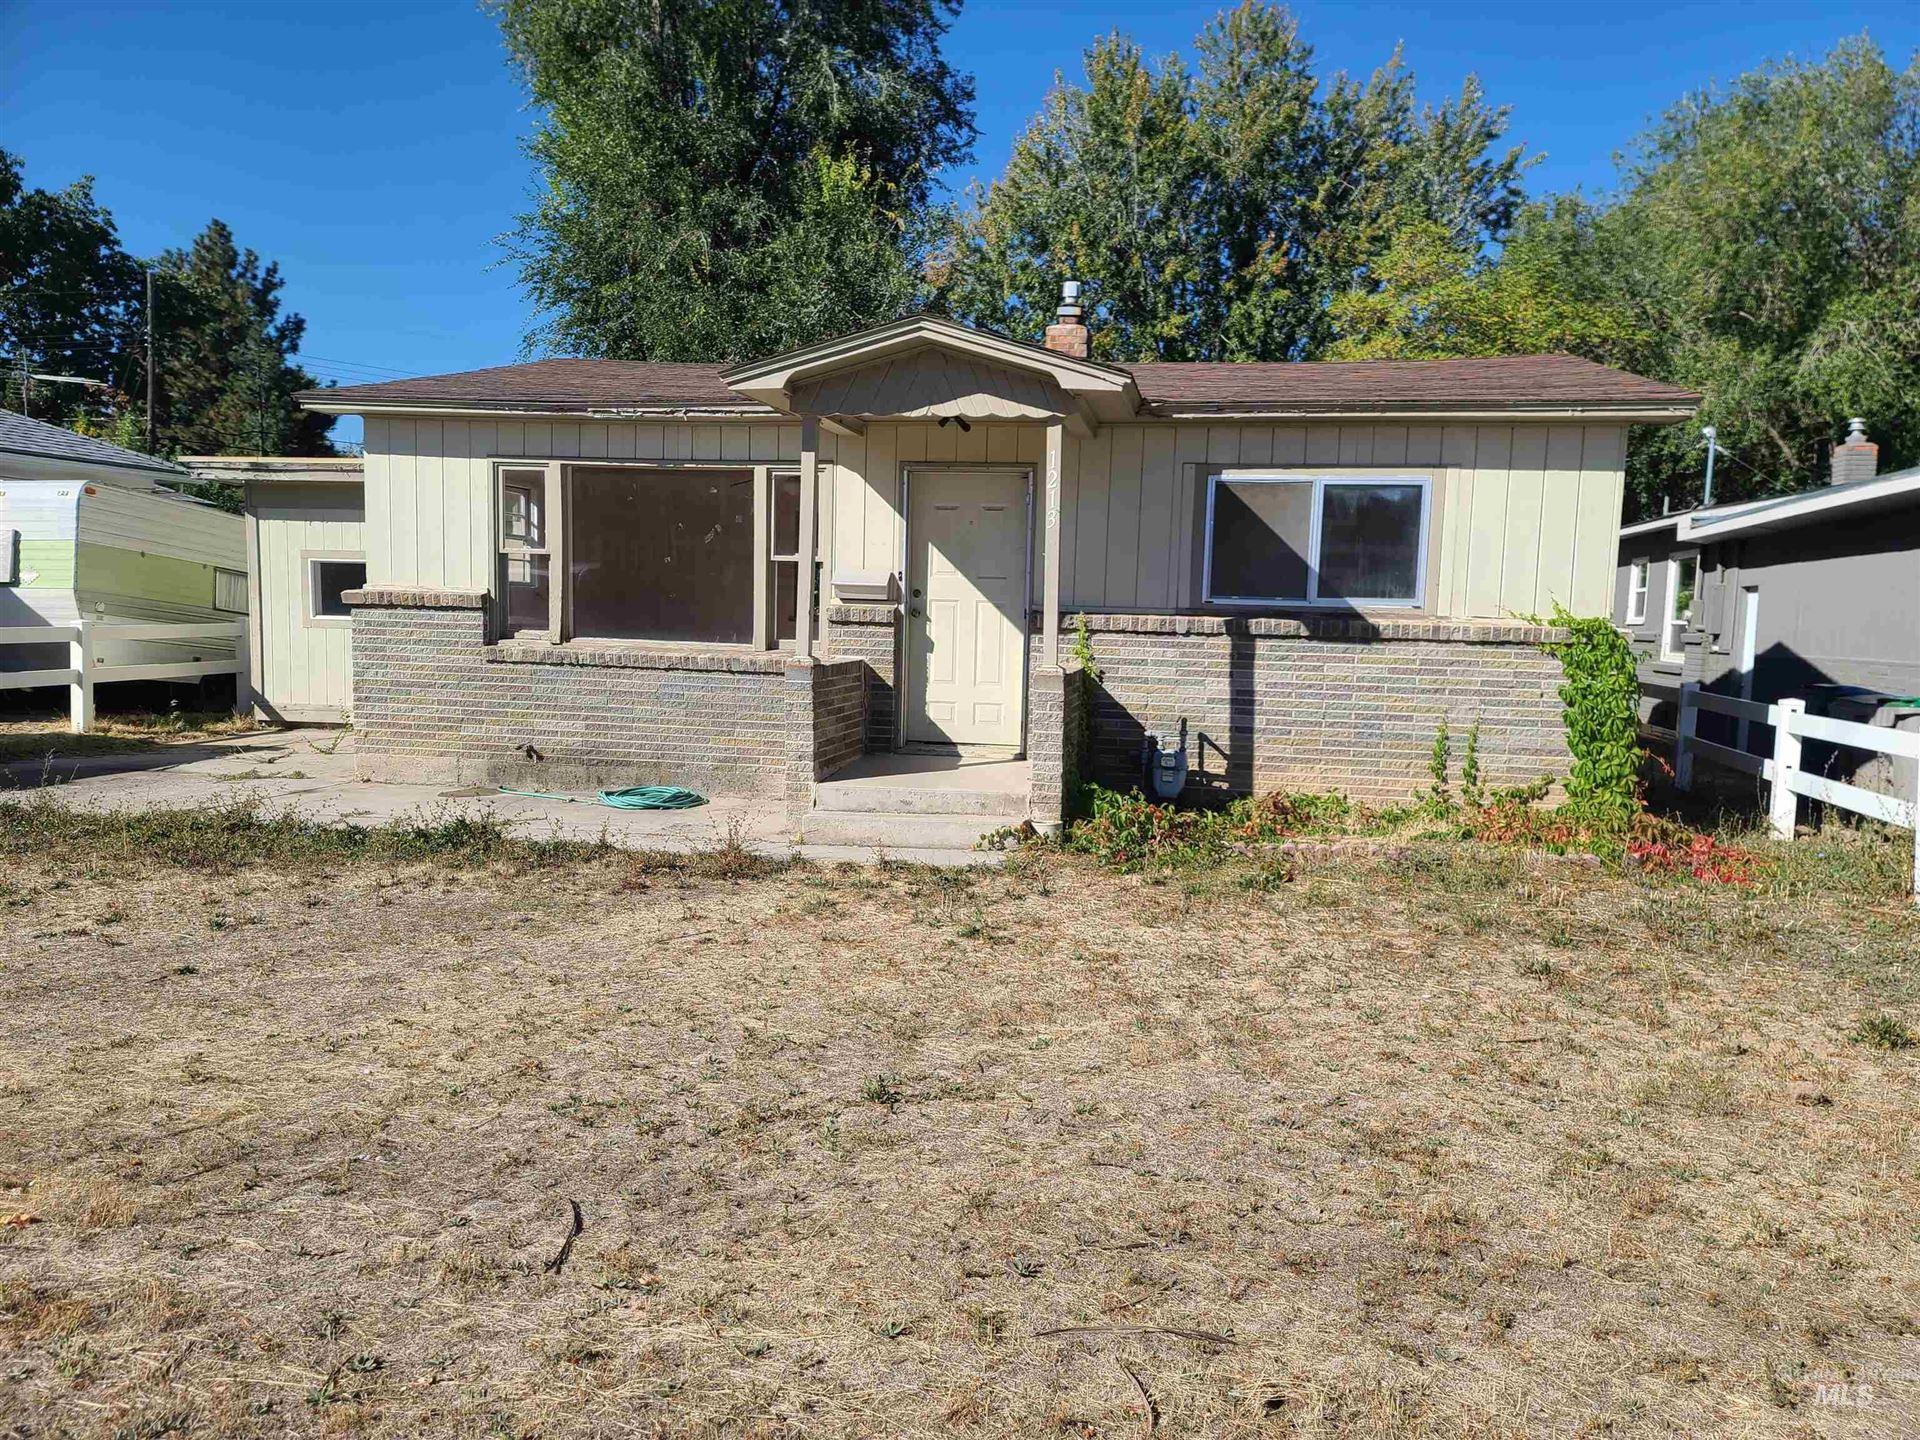 1213 S Phillippi, Boise, ID 83705 - MLS#: 98821149